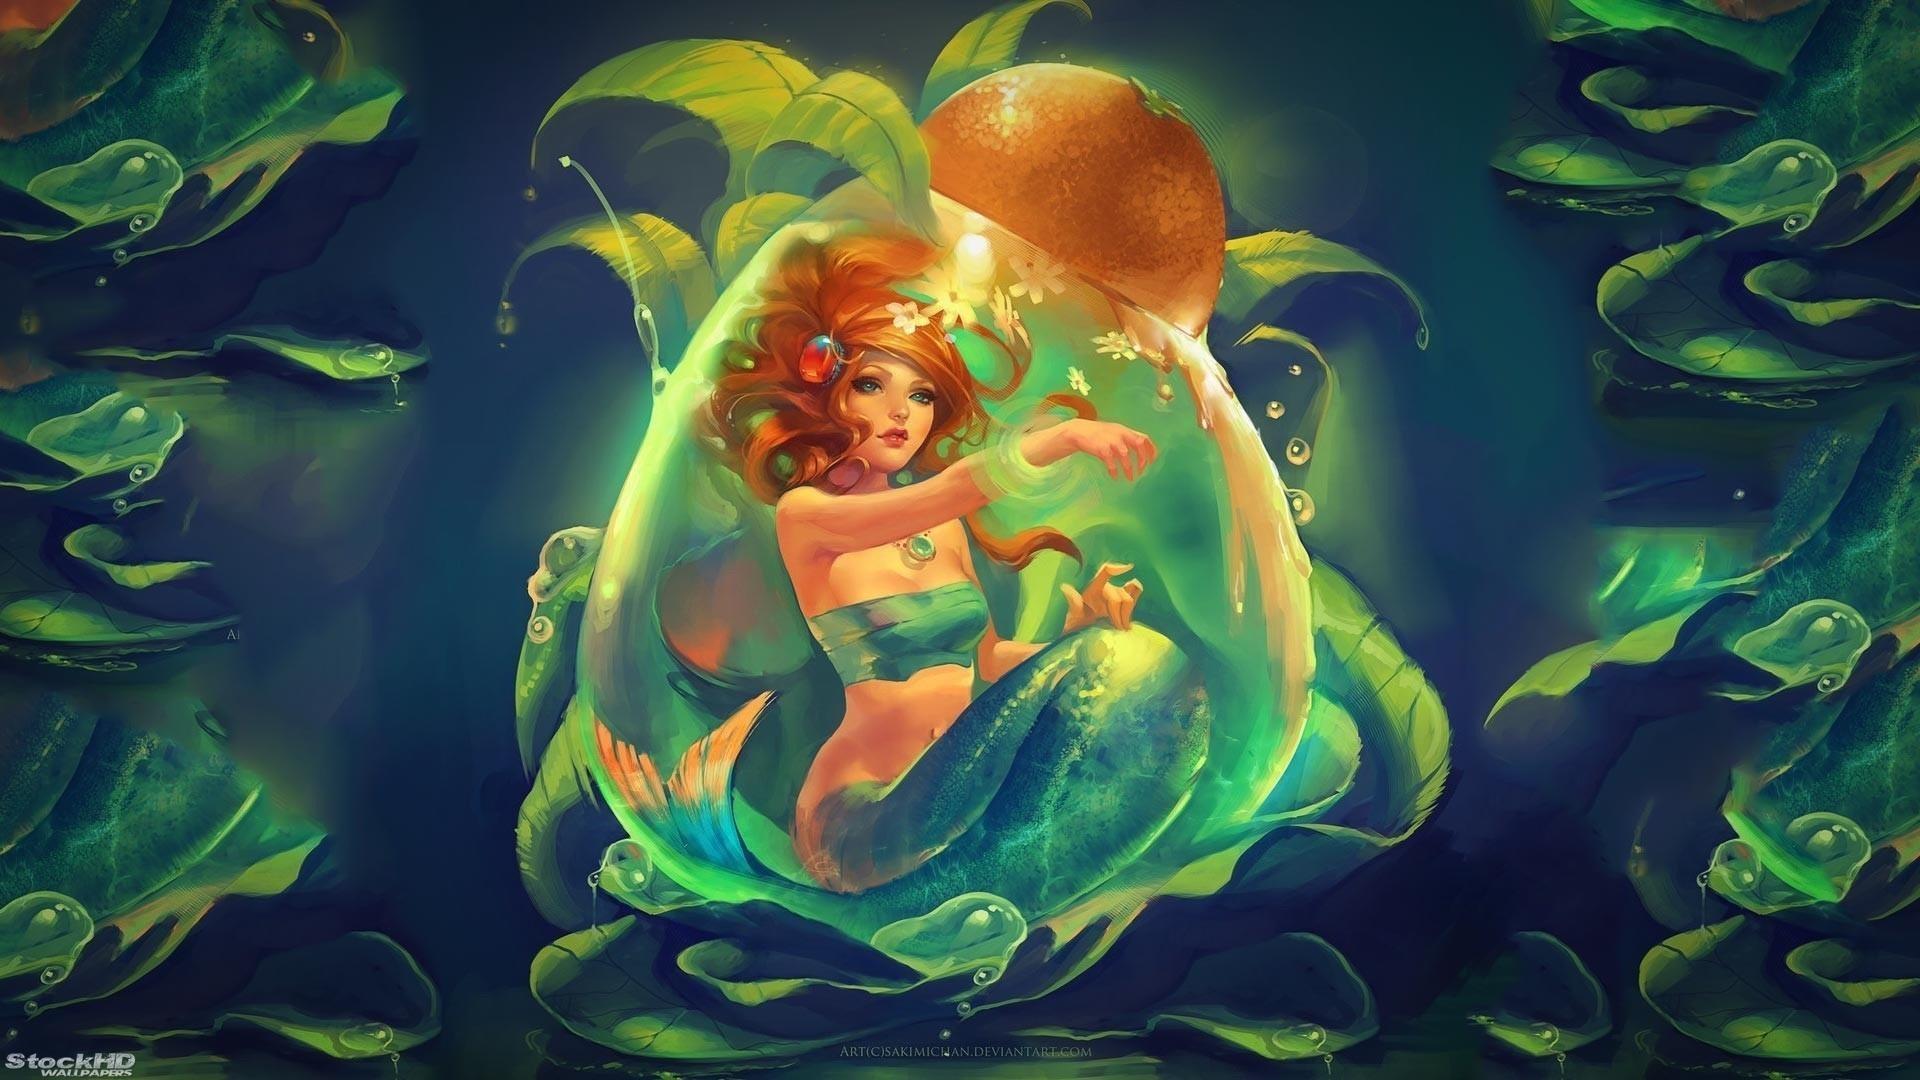 Mermaid Wallpapers   Mermaid Full HD Quality Wallpapers